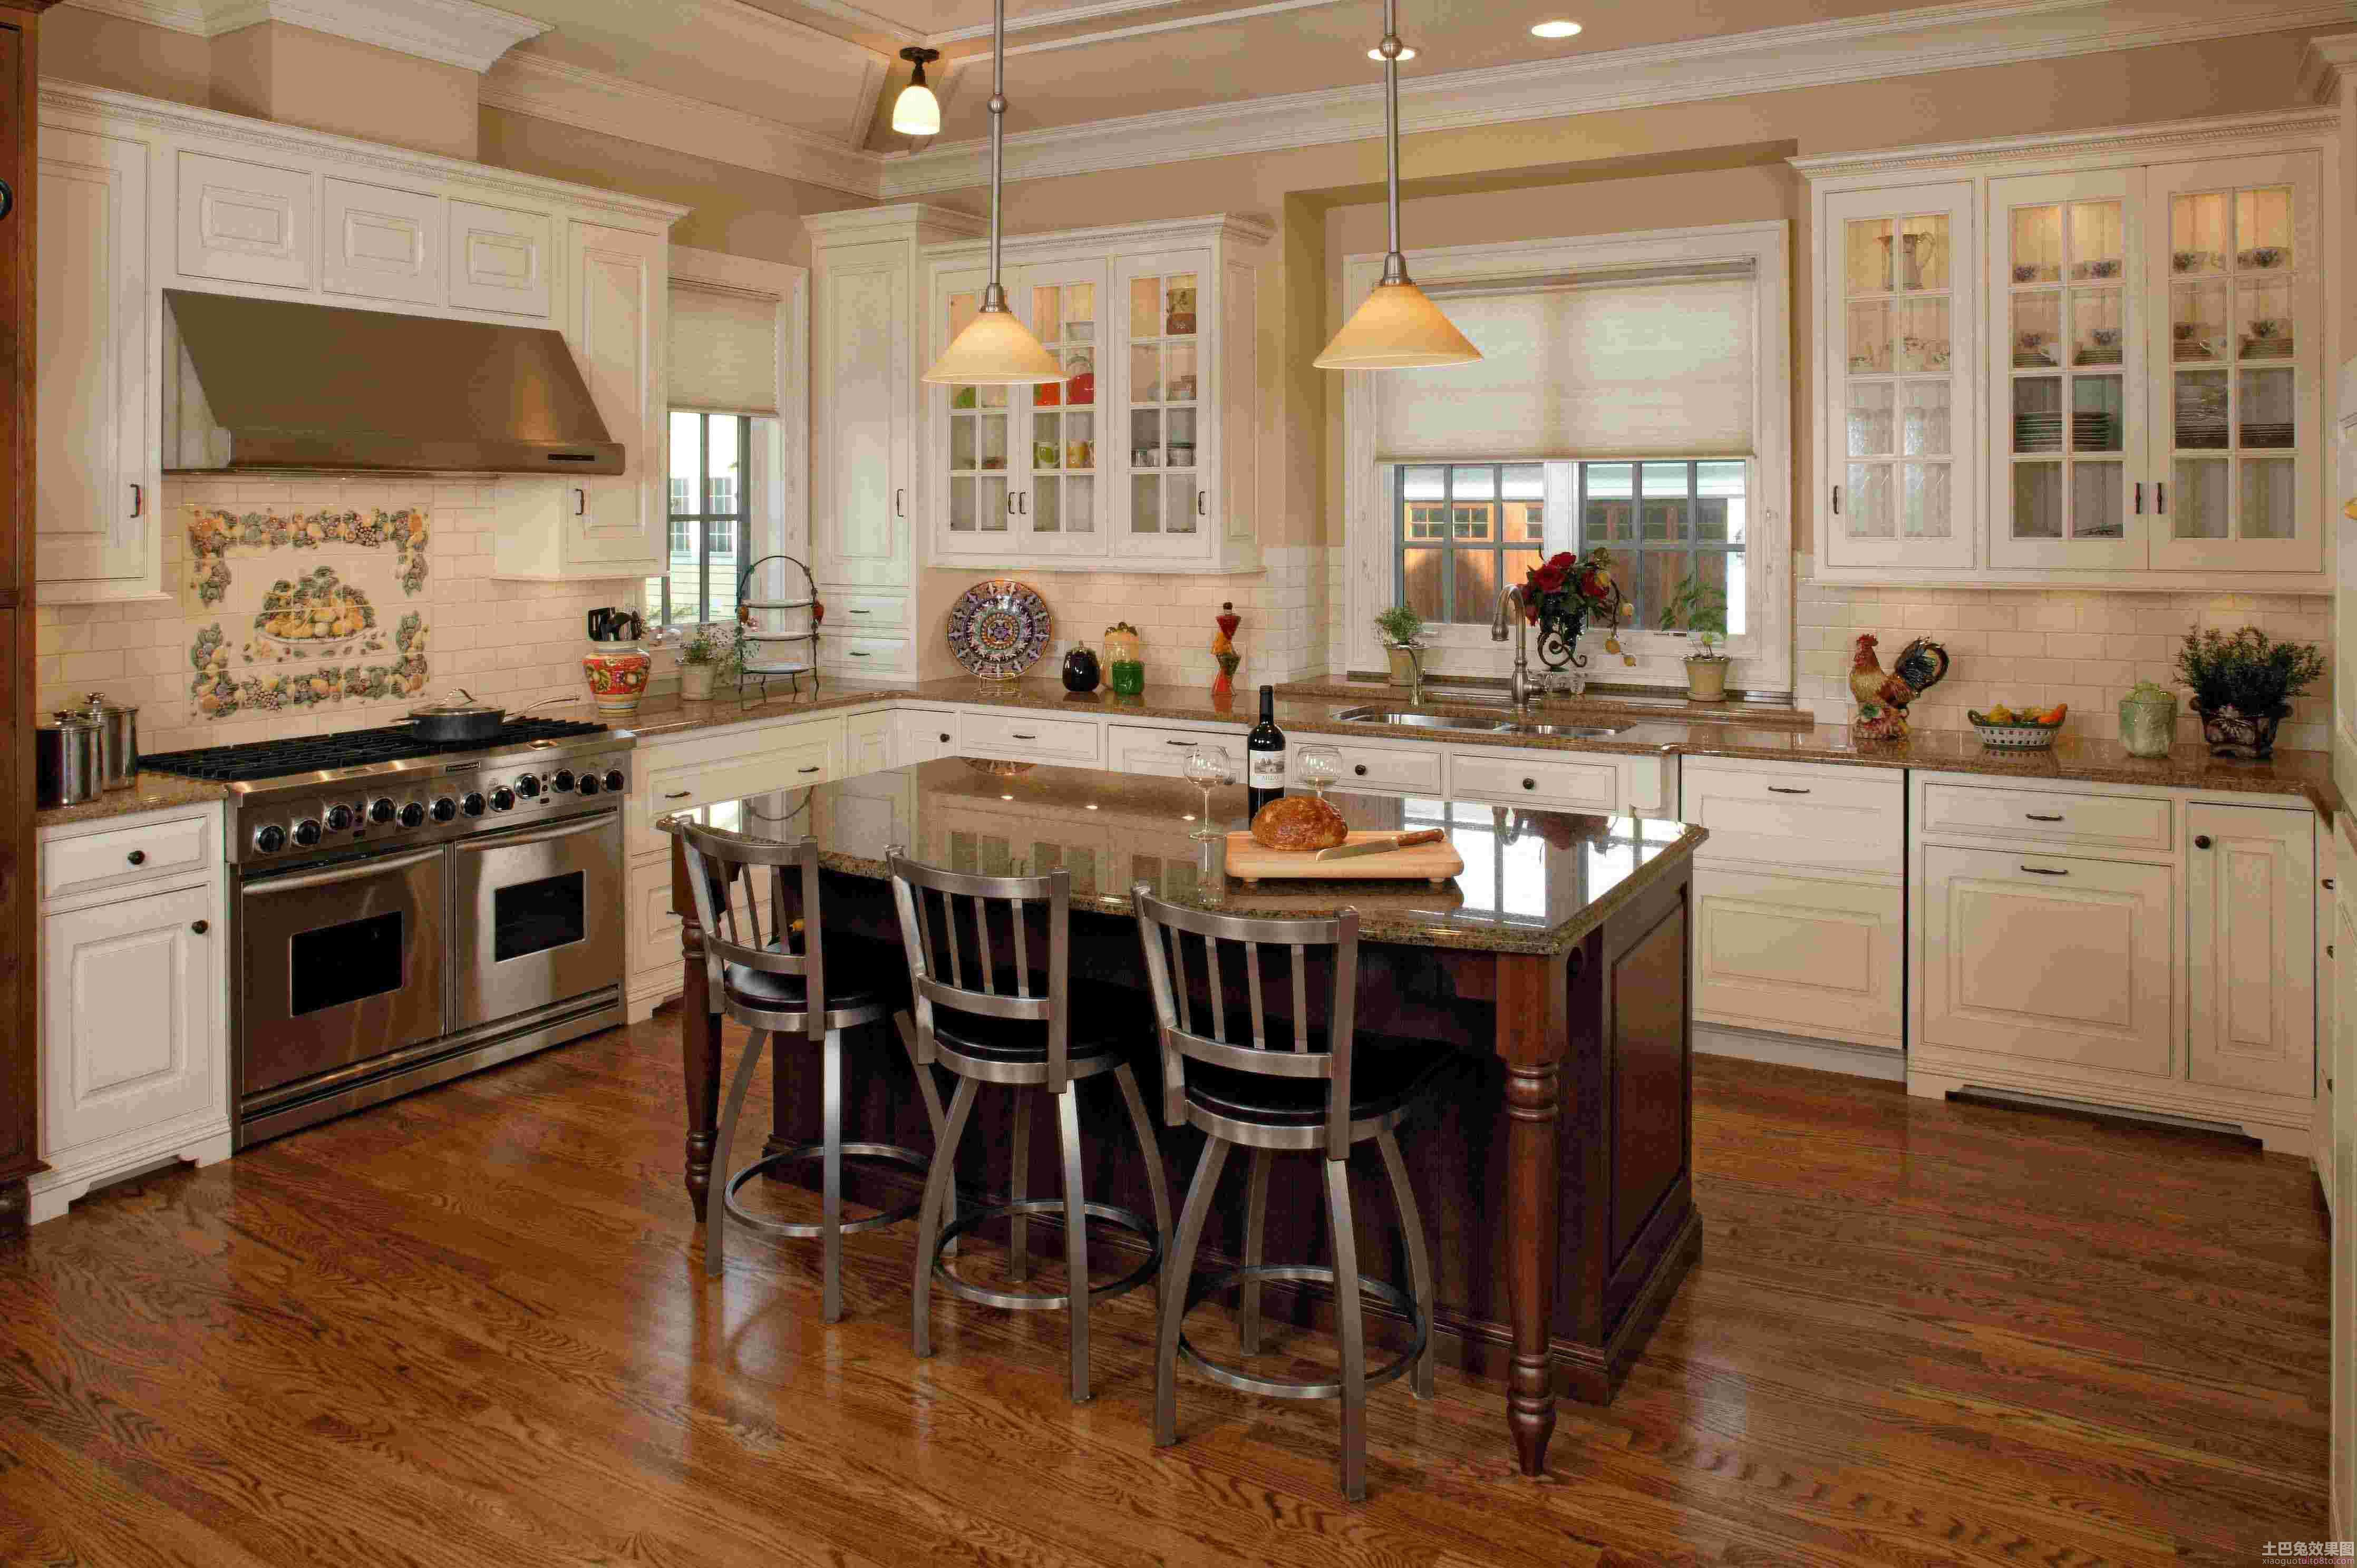 开放式整体厨房装修效果图片欣赏 (3/9)图片